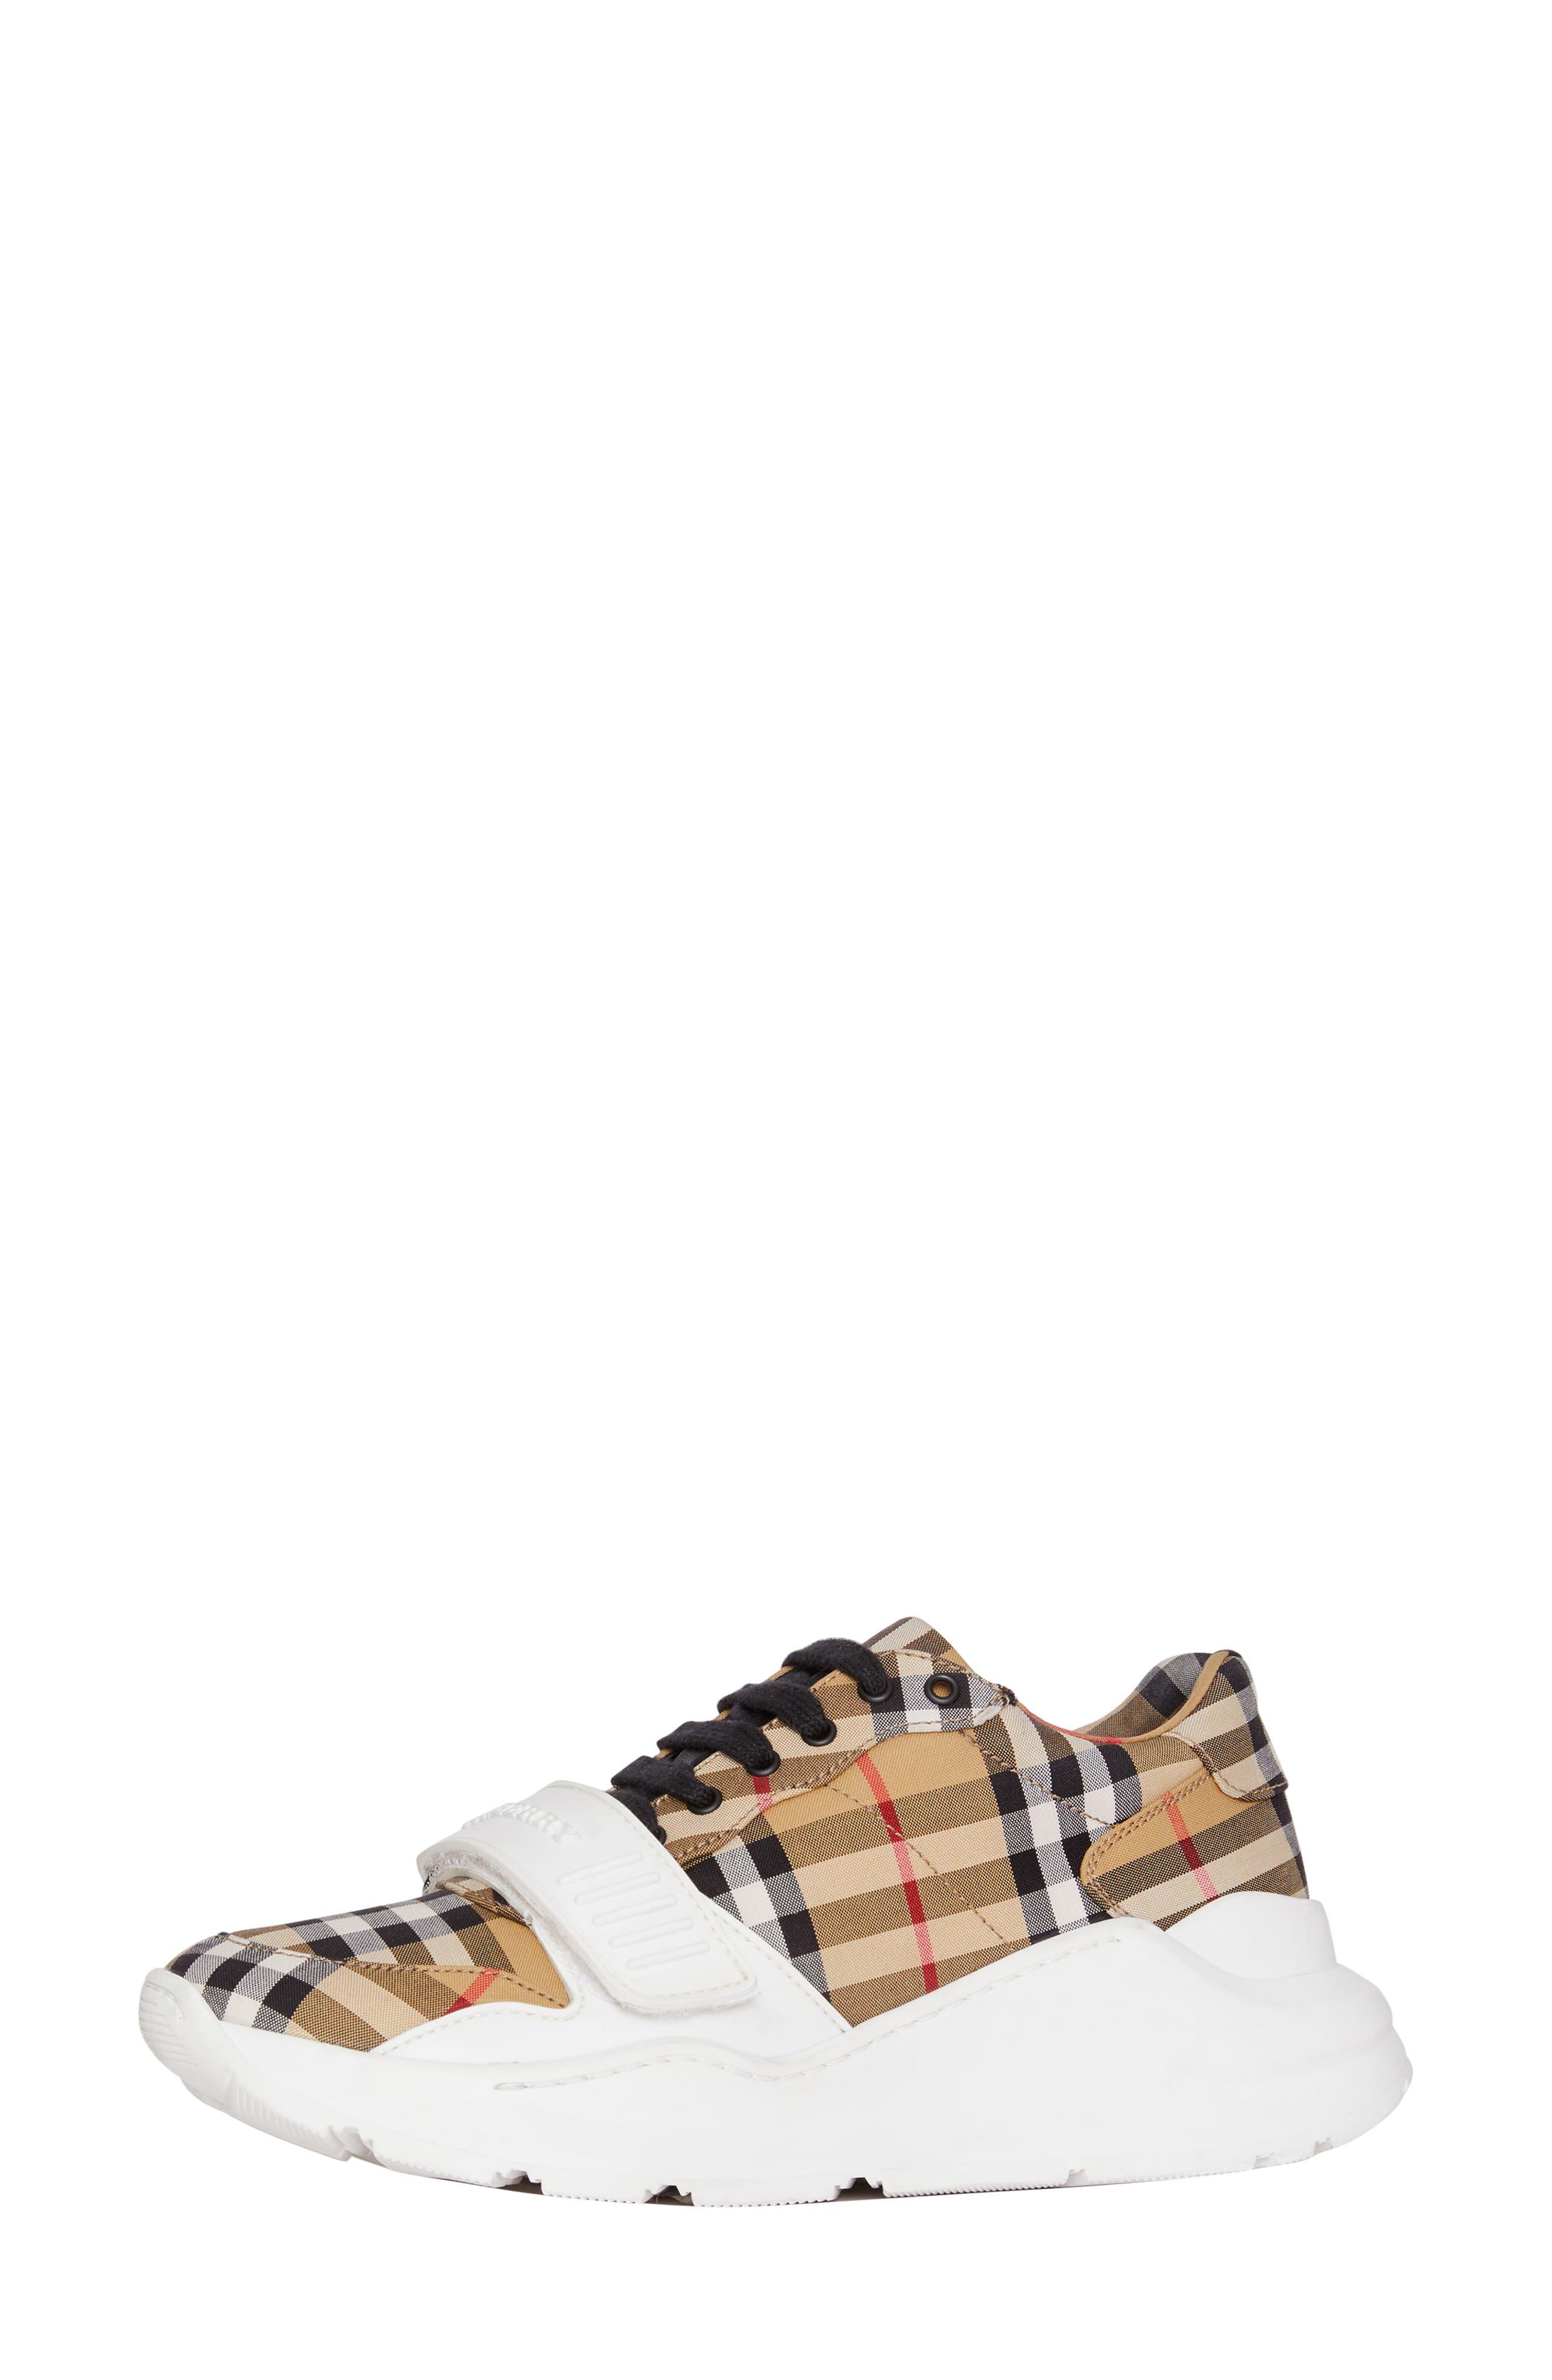 ,                             Regis Check Lace-Up Sneaker,                             Alternate thumbnail 9, color,                             BEIGE PLAID